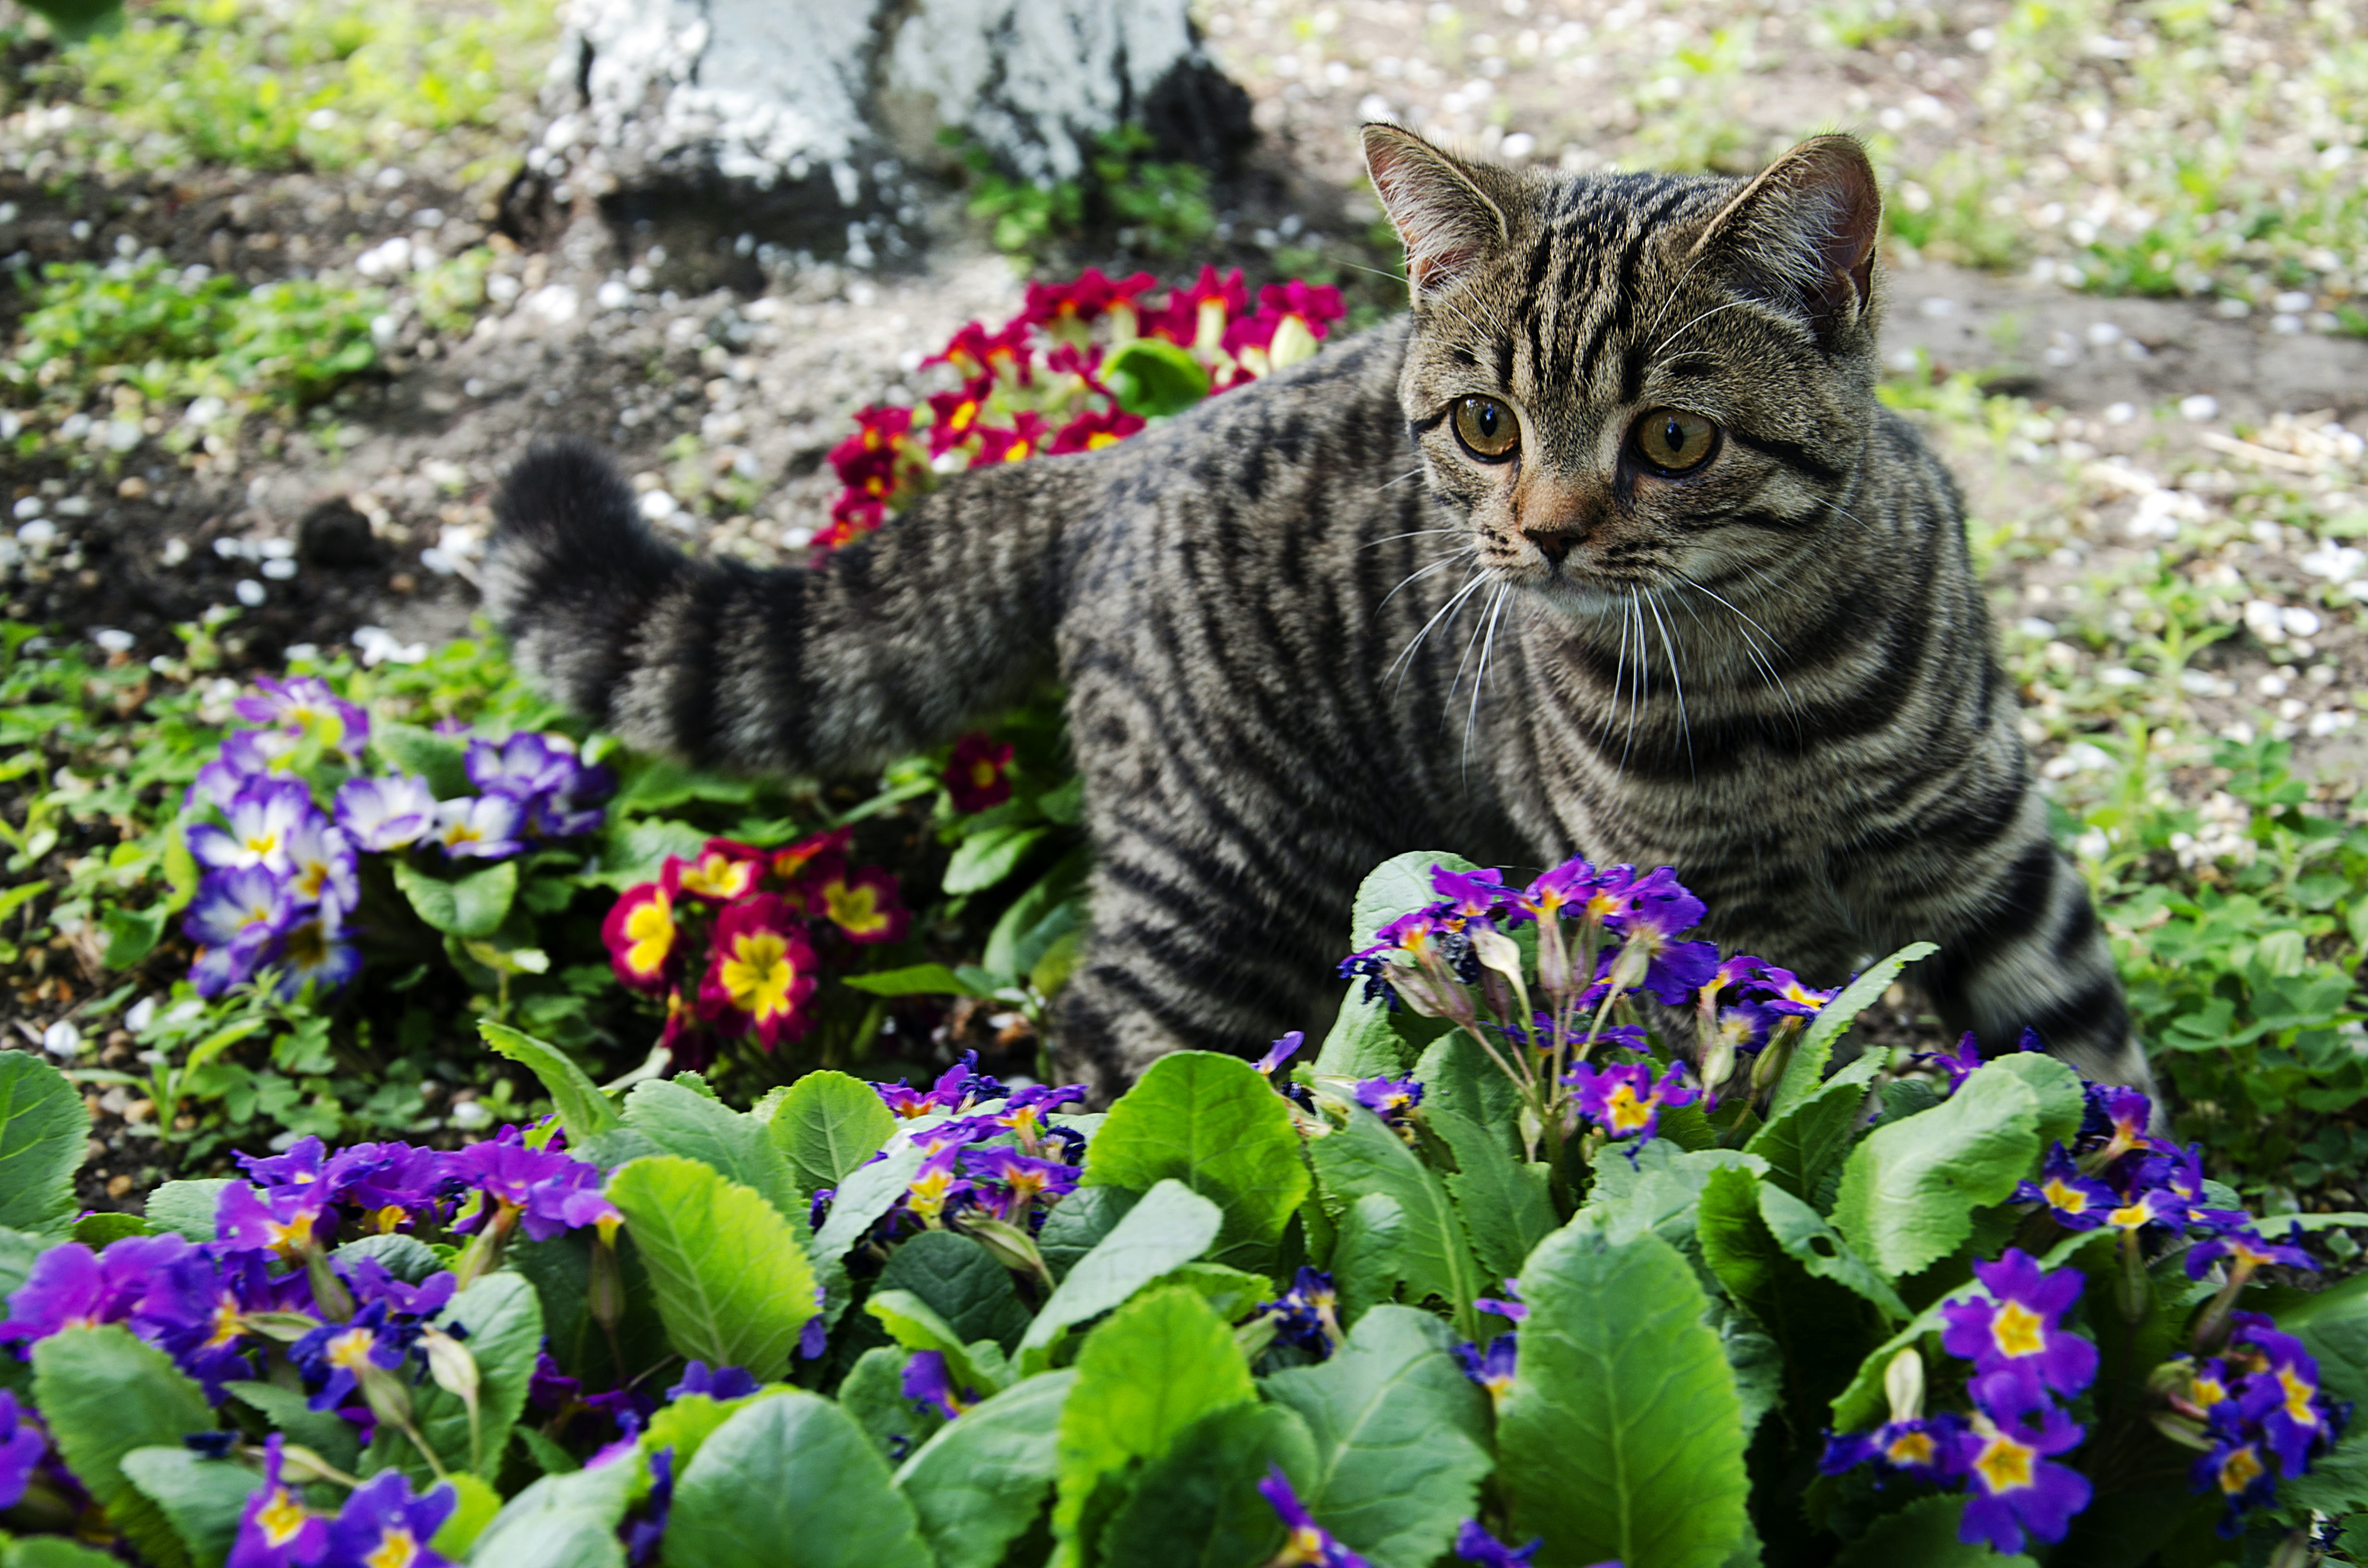 Бешенство у кошек: признаки заболевания, угроза заражения, диагностика, опасность для человека, истории из жизни